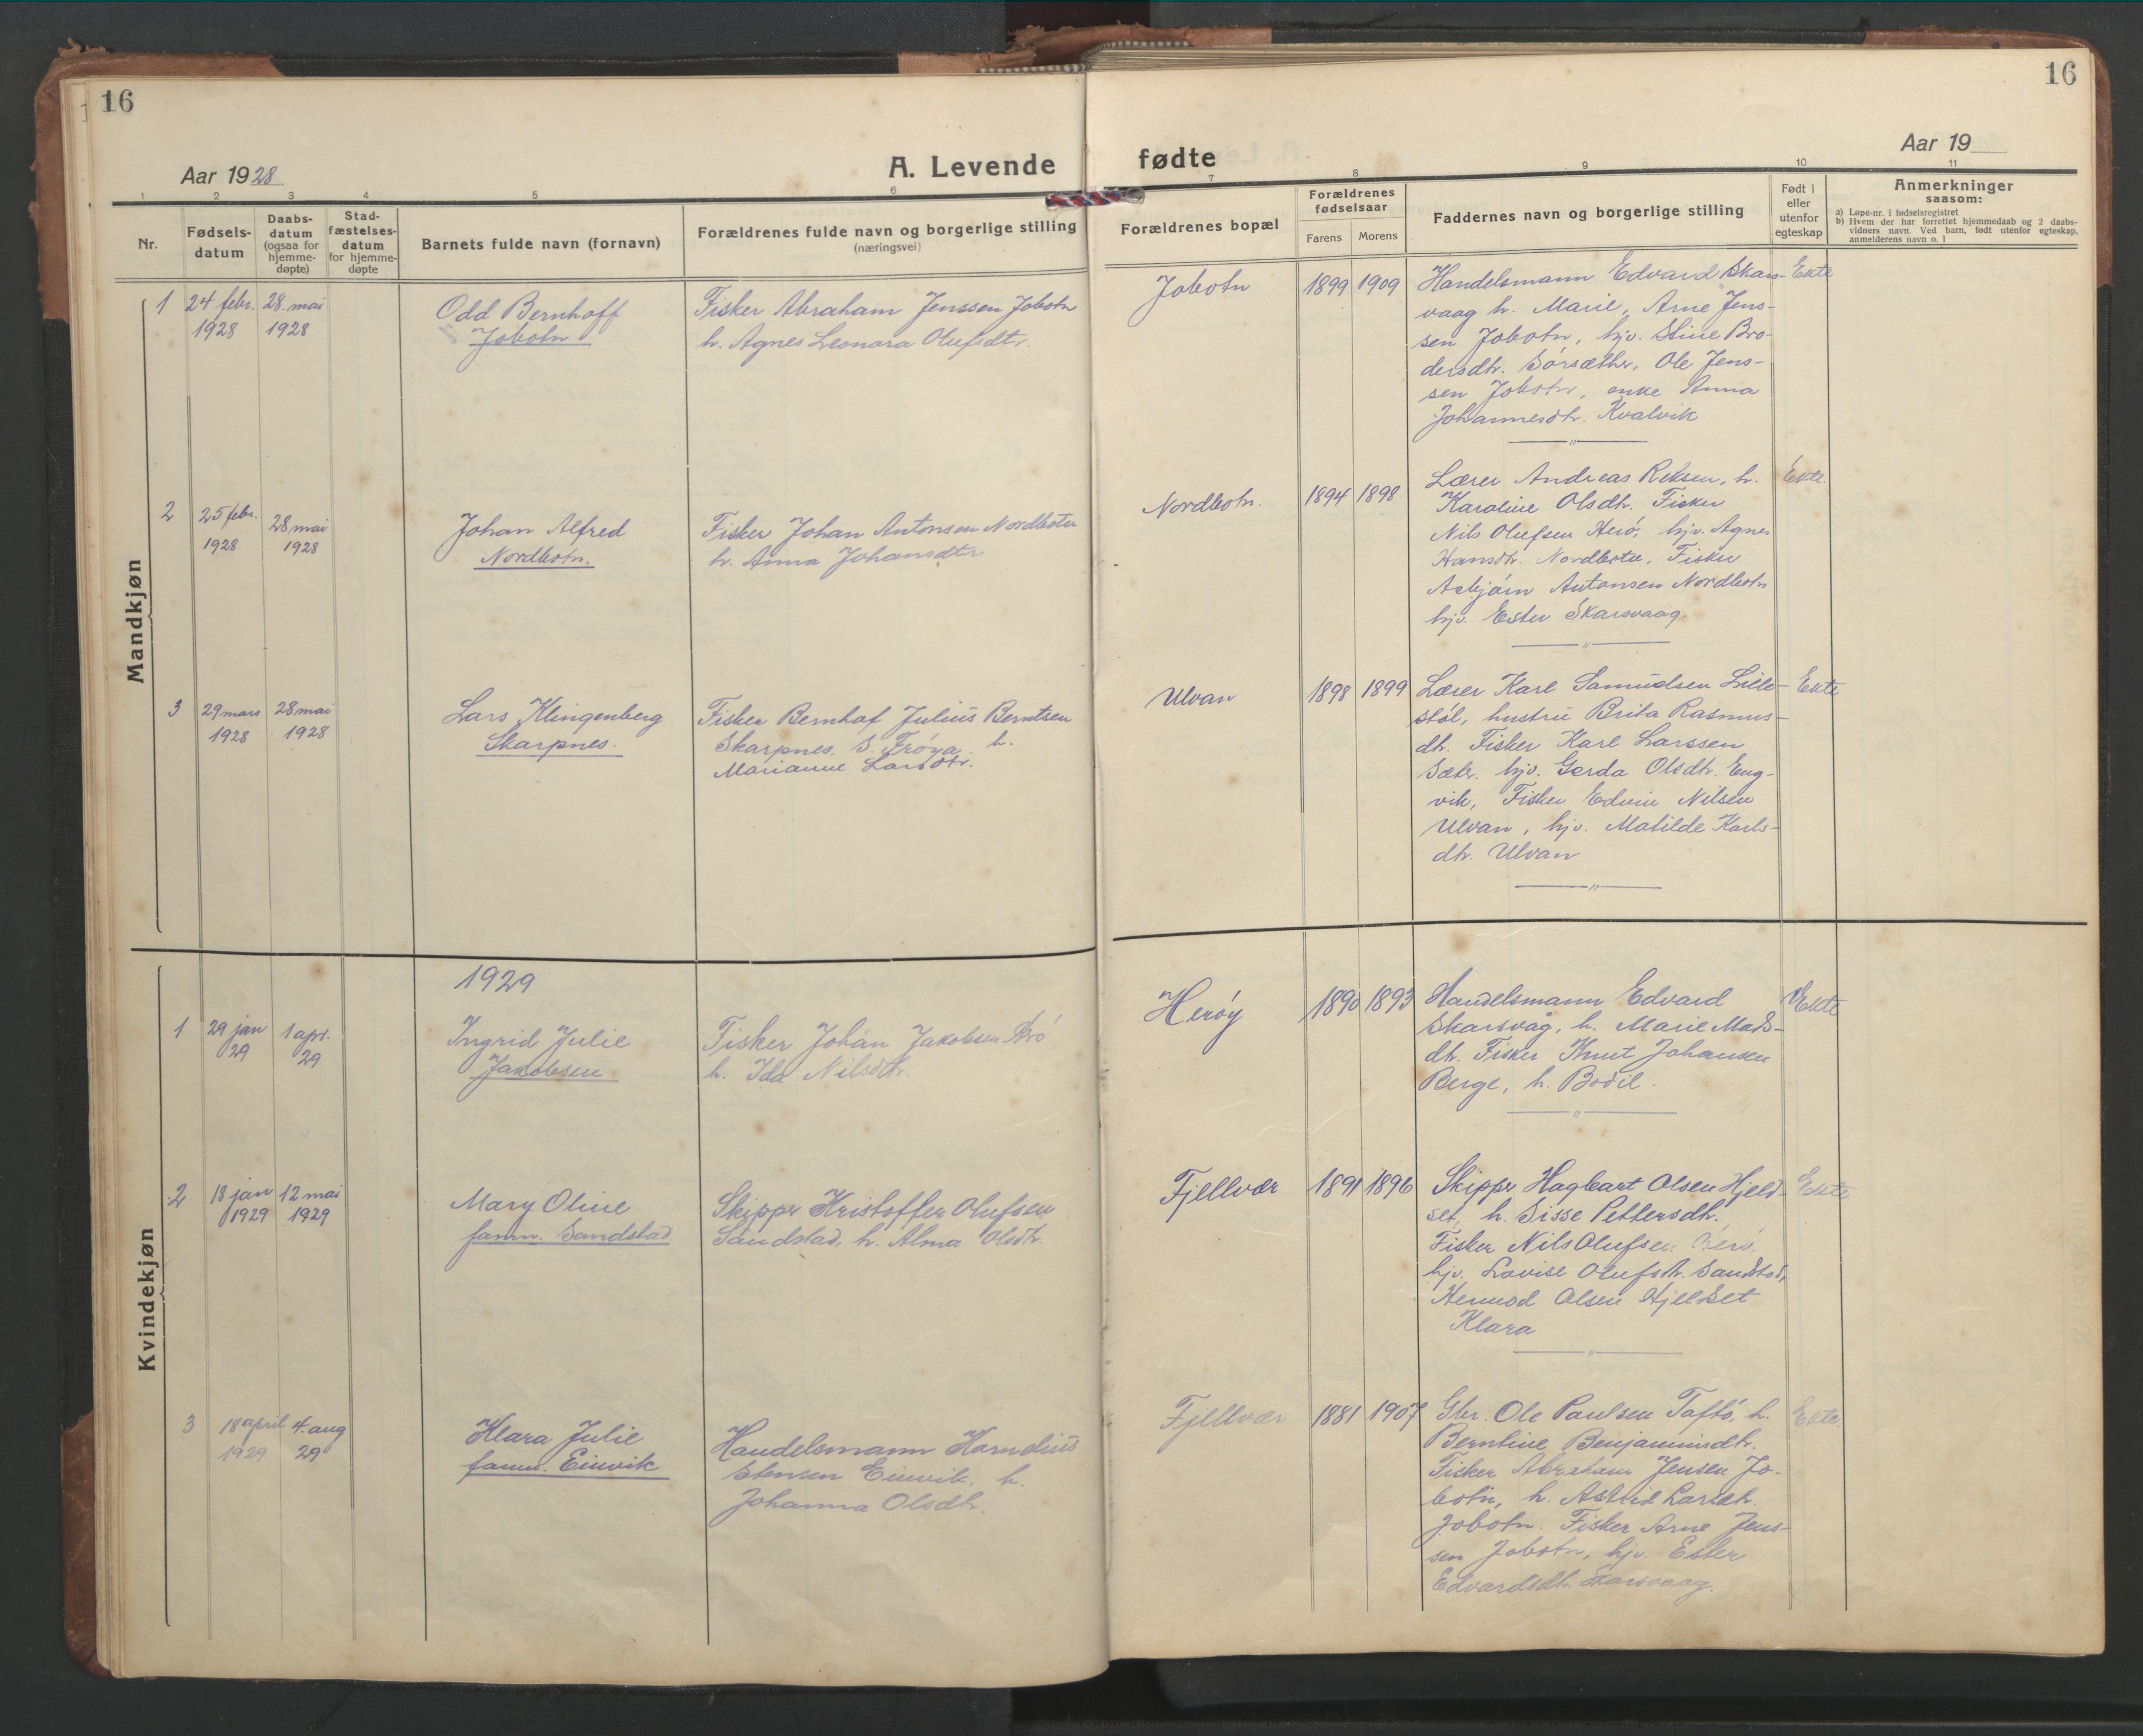 SAT, Ministerialprotokoller, klokkerbøker og fødselsregistre - Sør-Trøndelag, 638/L0569: Klokkerbok nr. 638C01, 1923-1961, s. 16